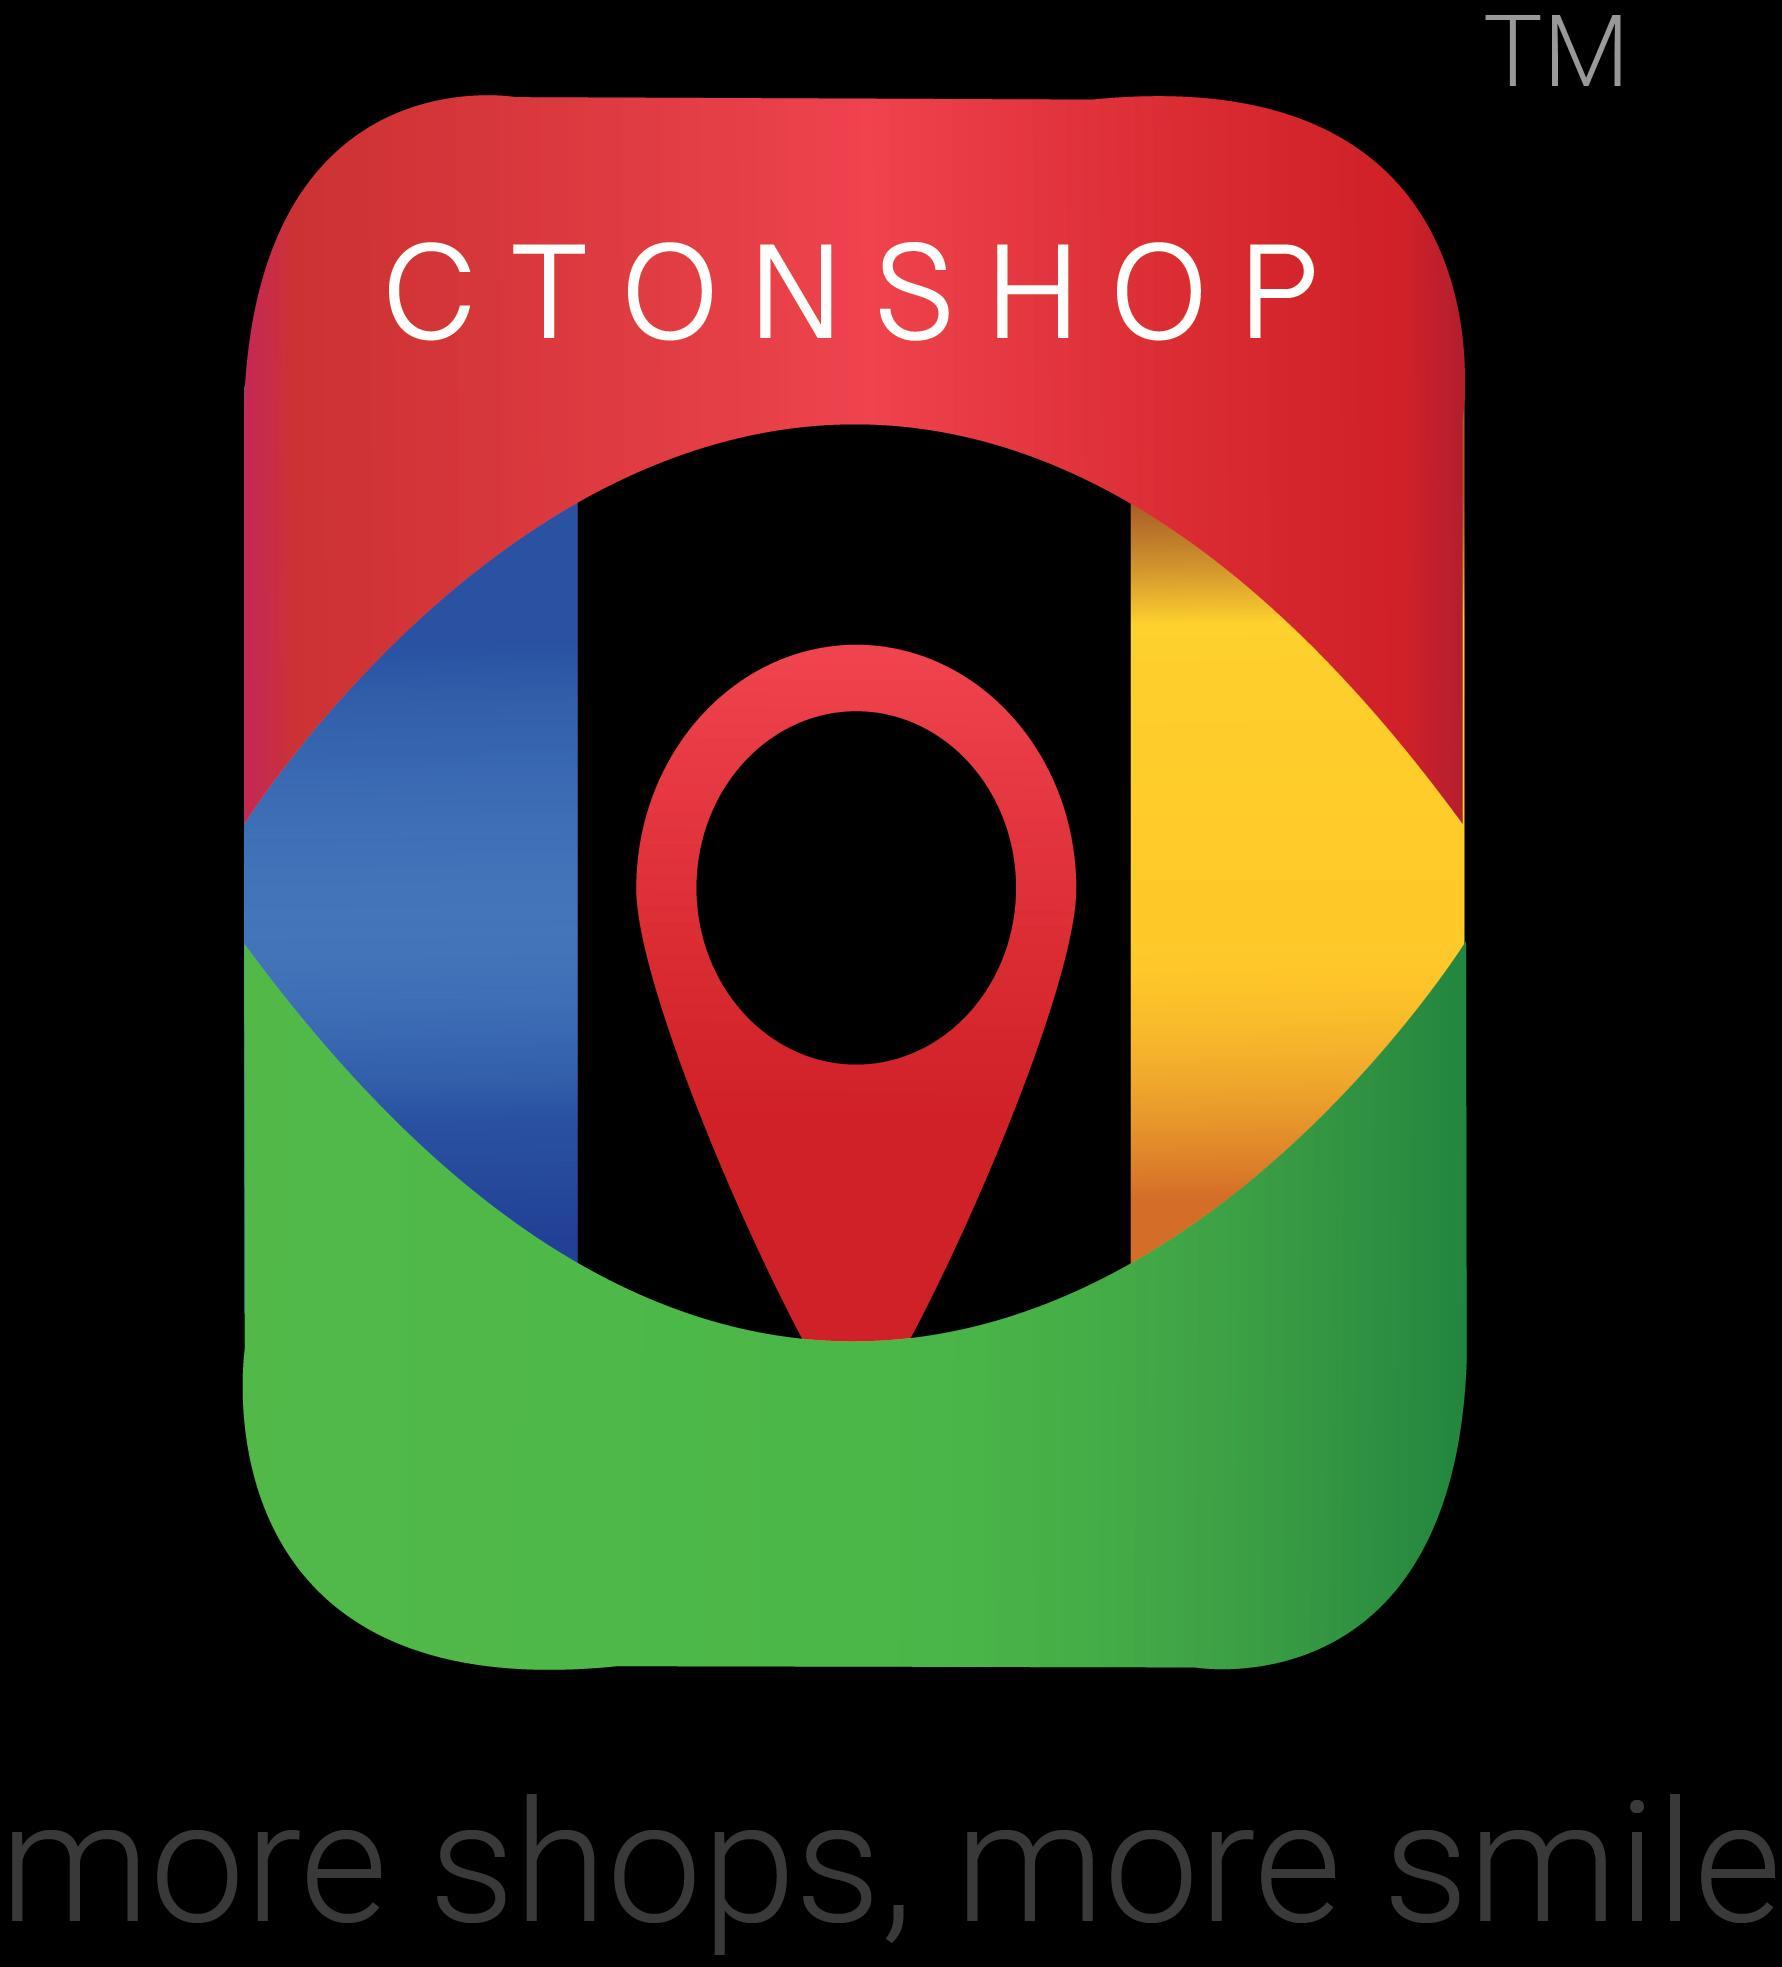 CTONSHOP